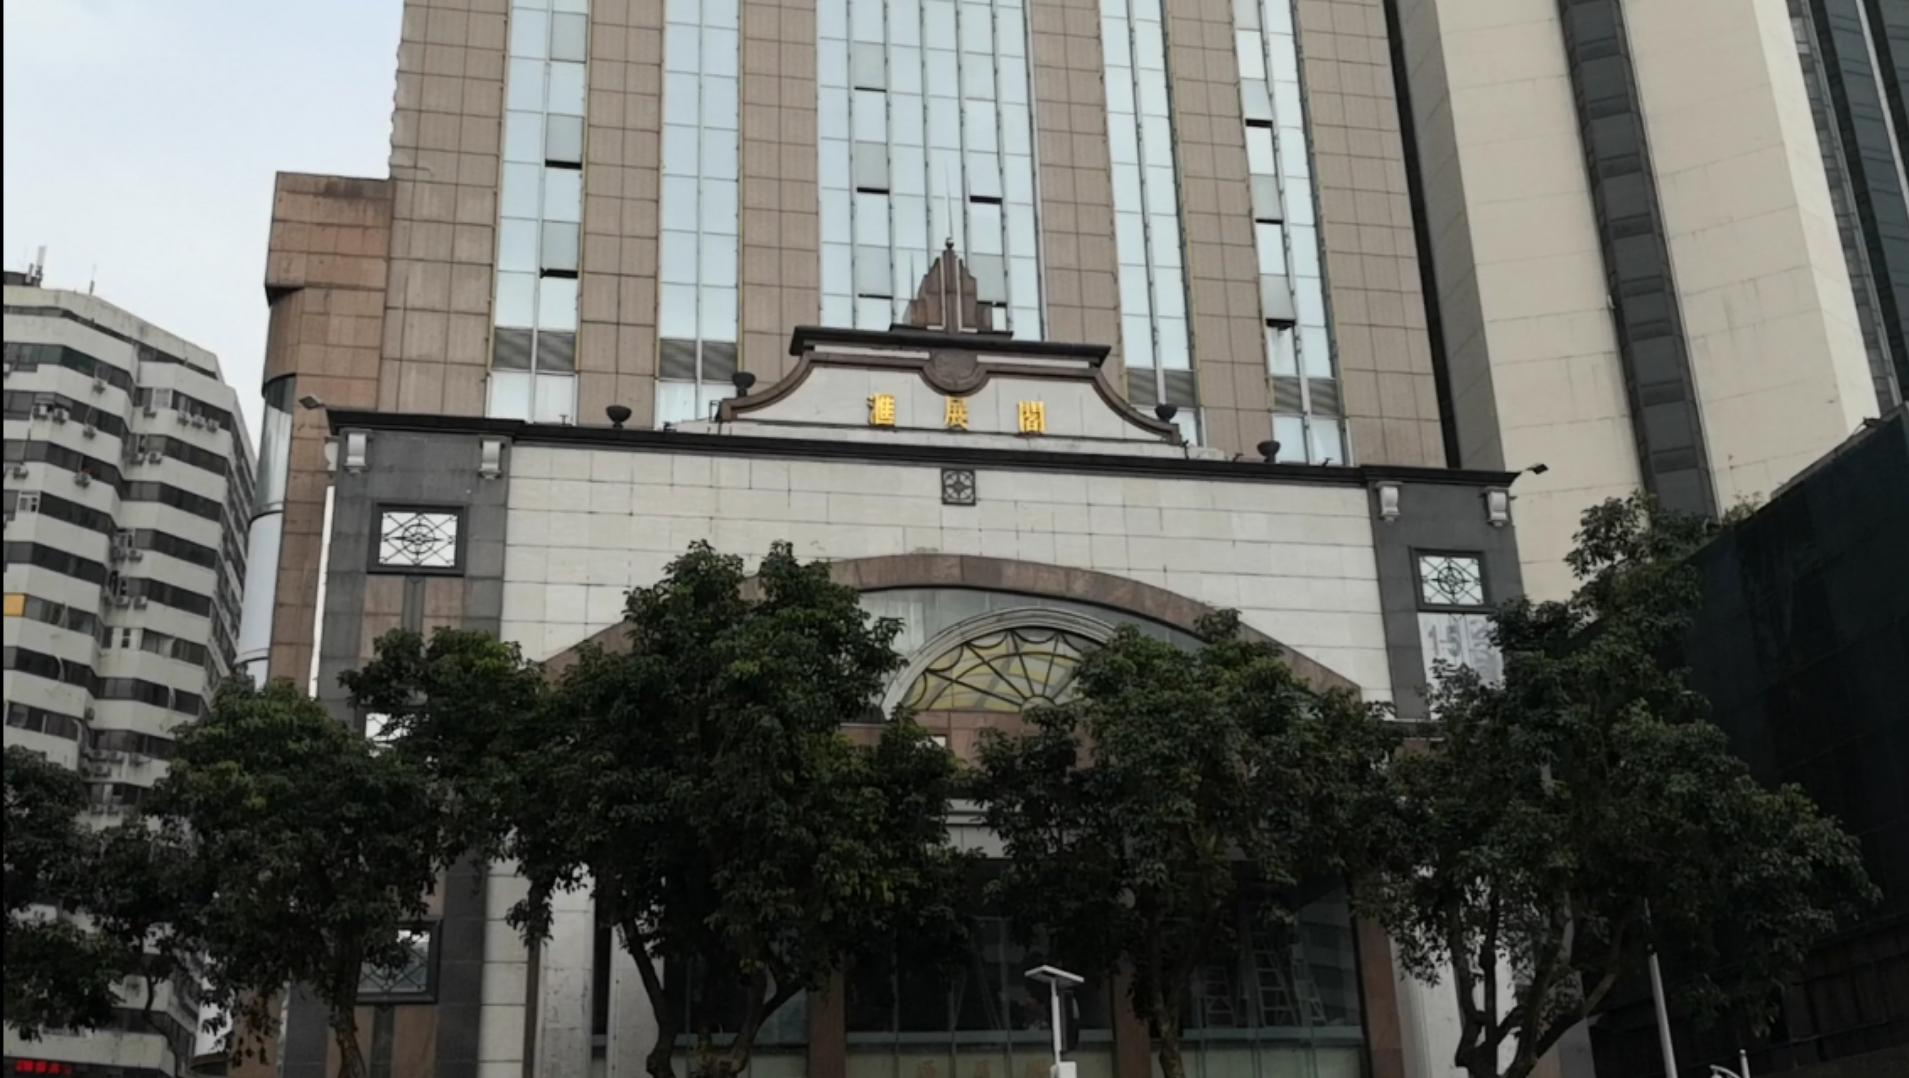 深圳这个公寓,物业费高达23.8元/㎡!住建局:物业无证经营